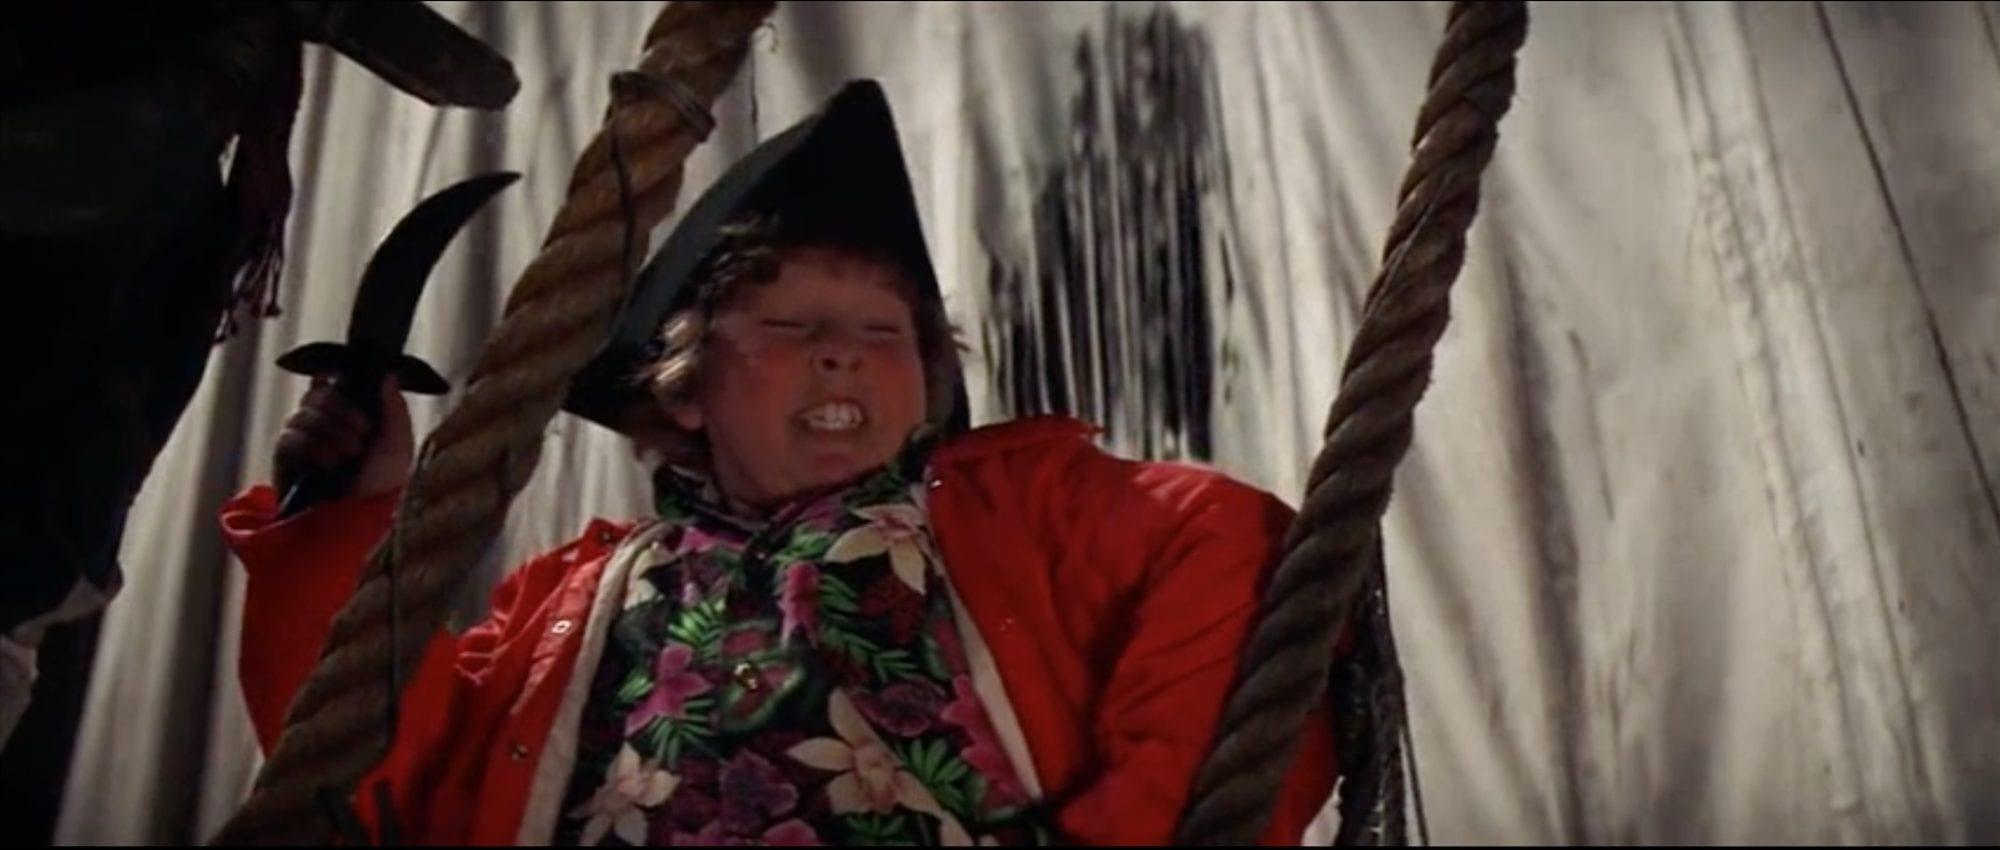 Goonies Captain Chunk